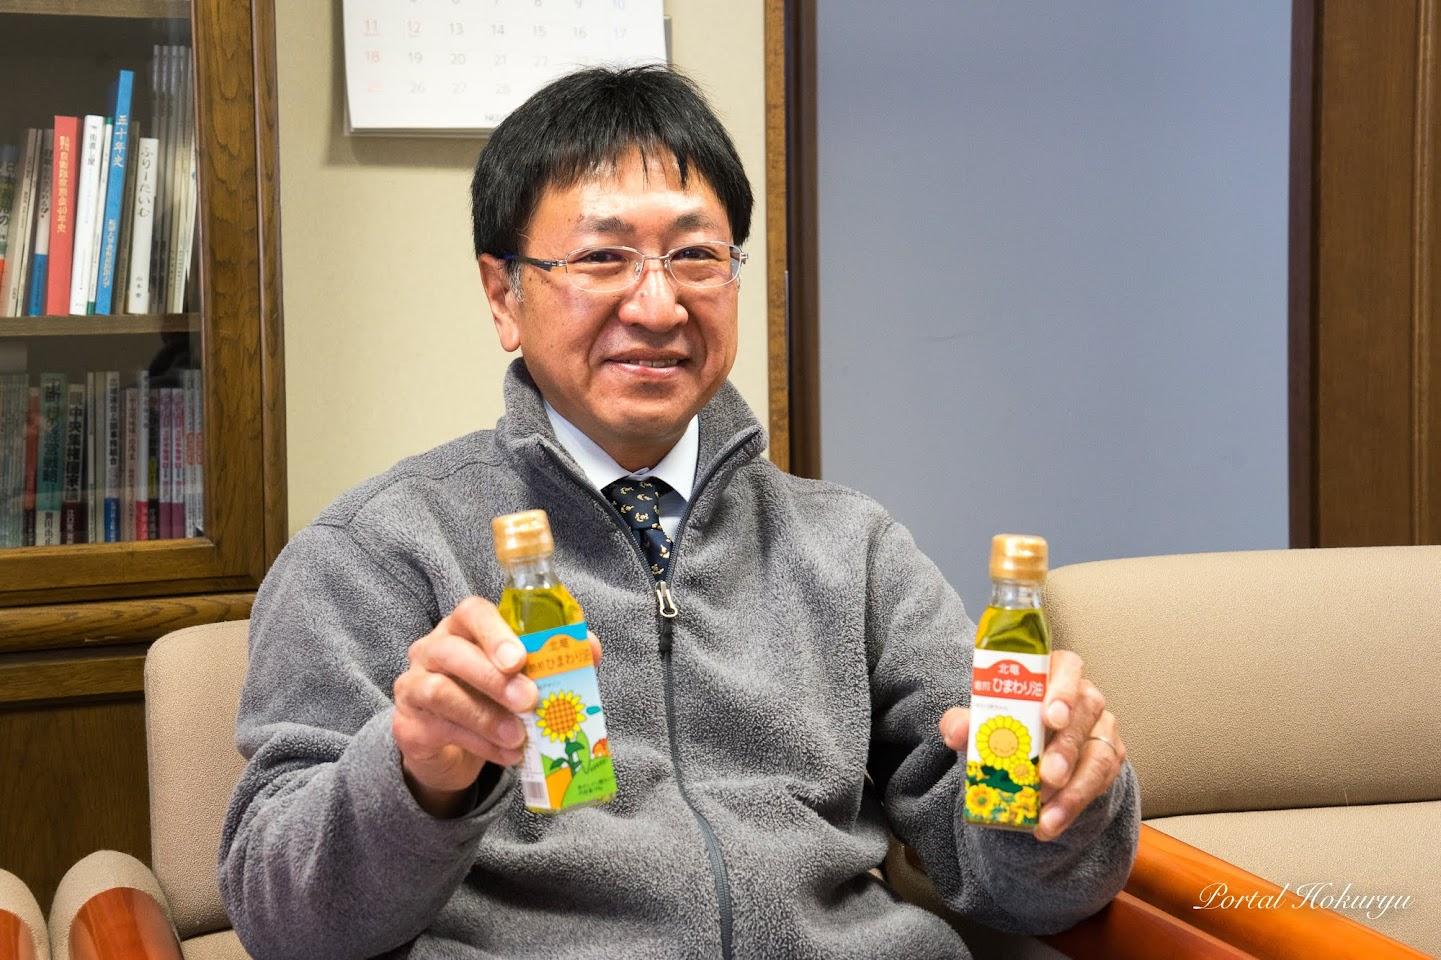 焙煎ひまわり油を紹介する濱田さん